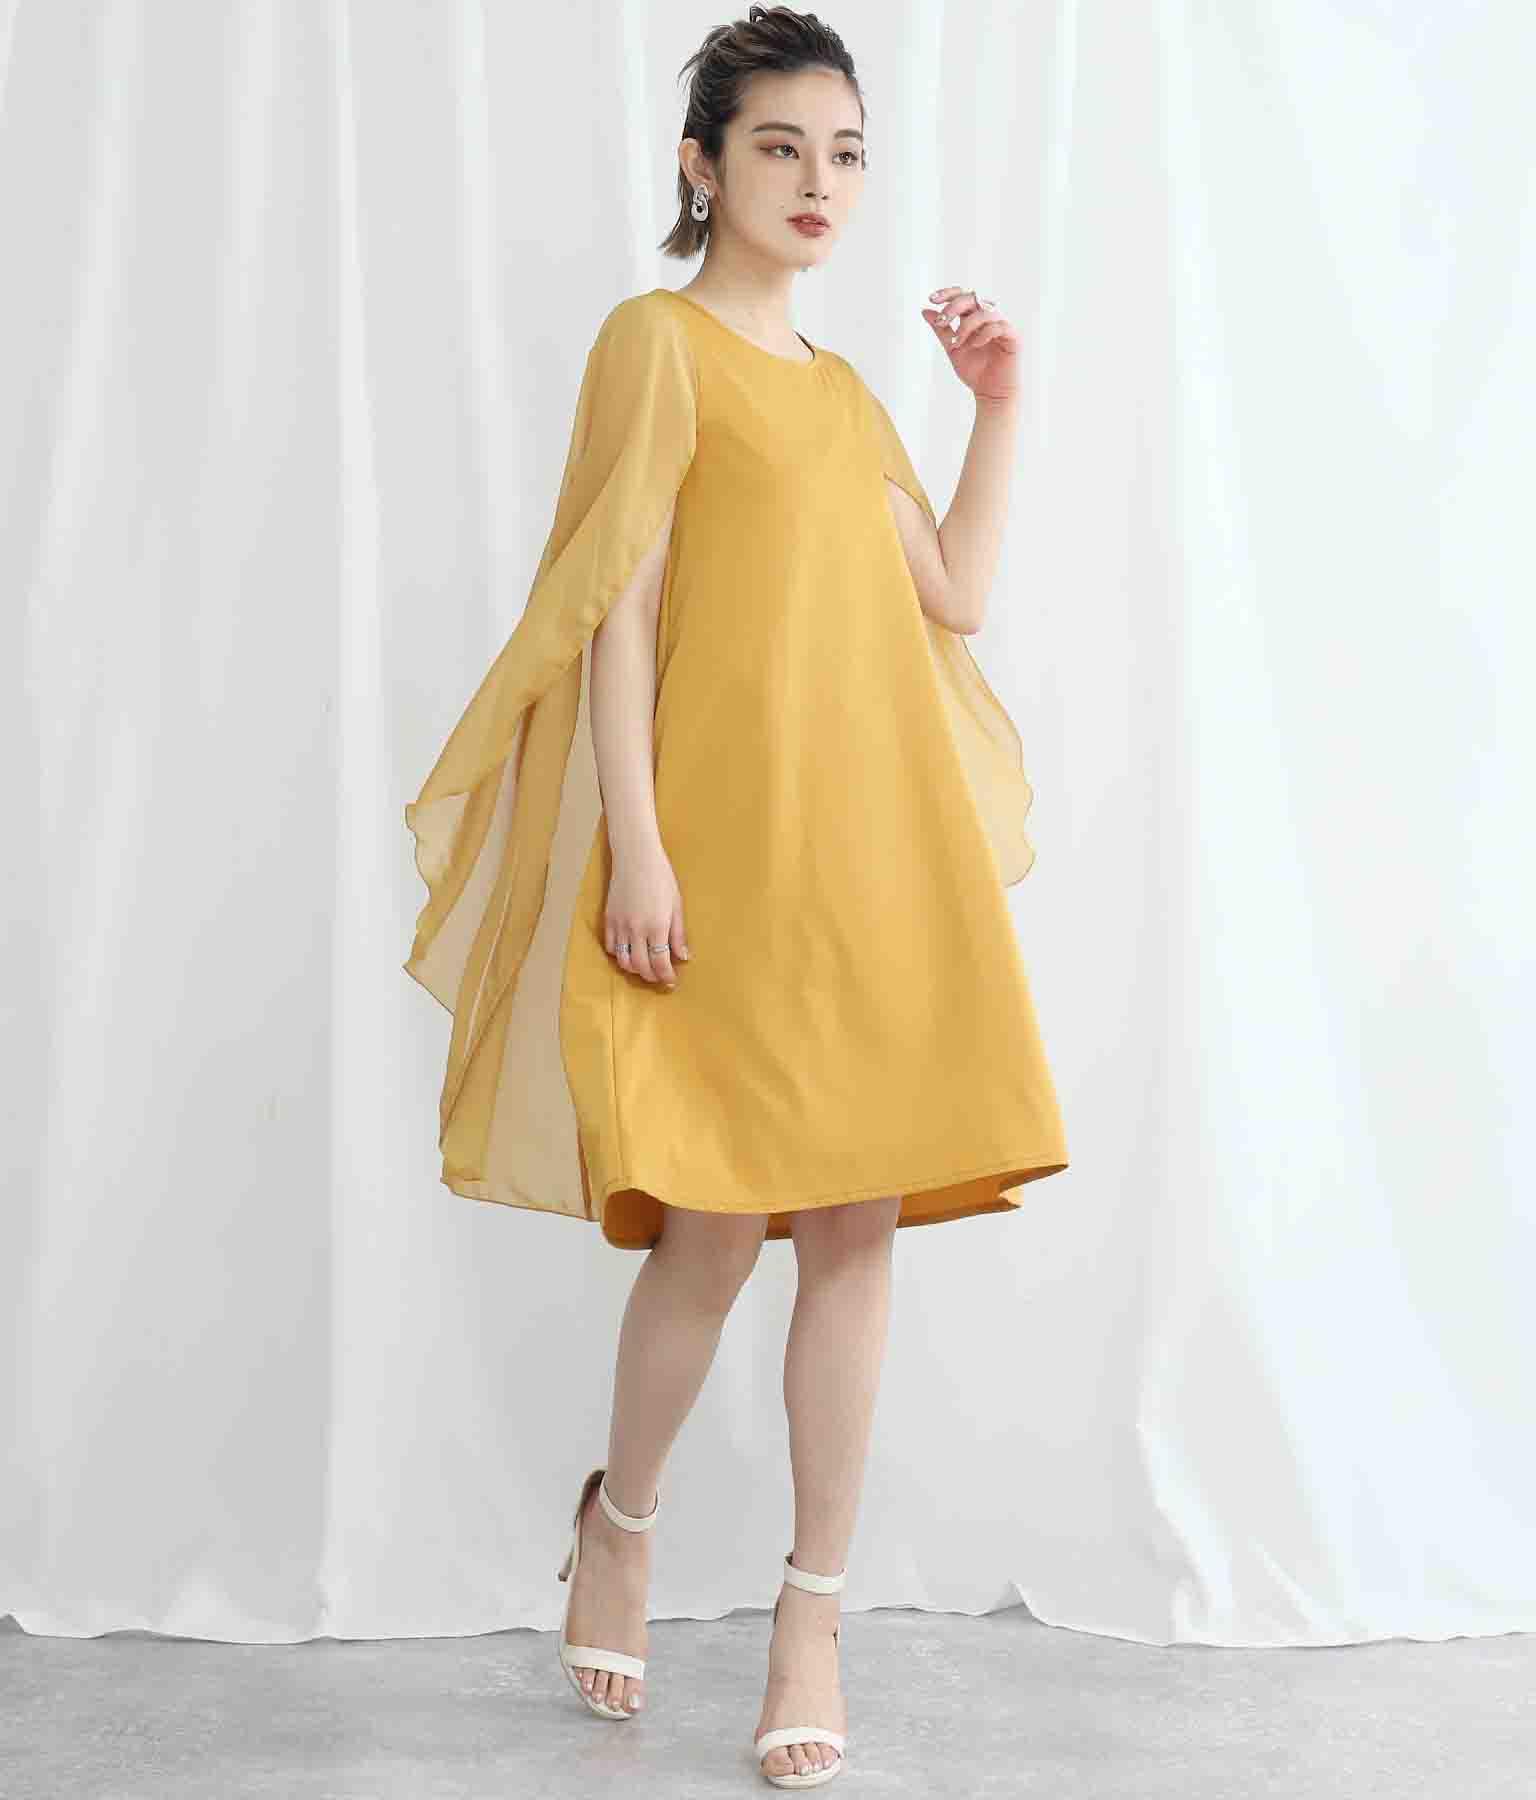 シフォンマント風デザインワンピース(ワンピース・ドレス/ミディアムワンピ) | Settimissimo